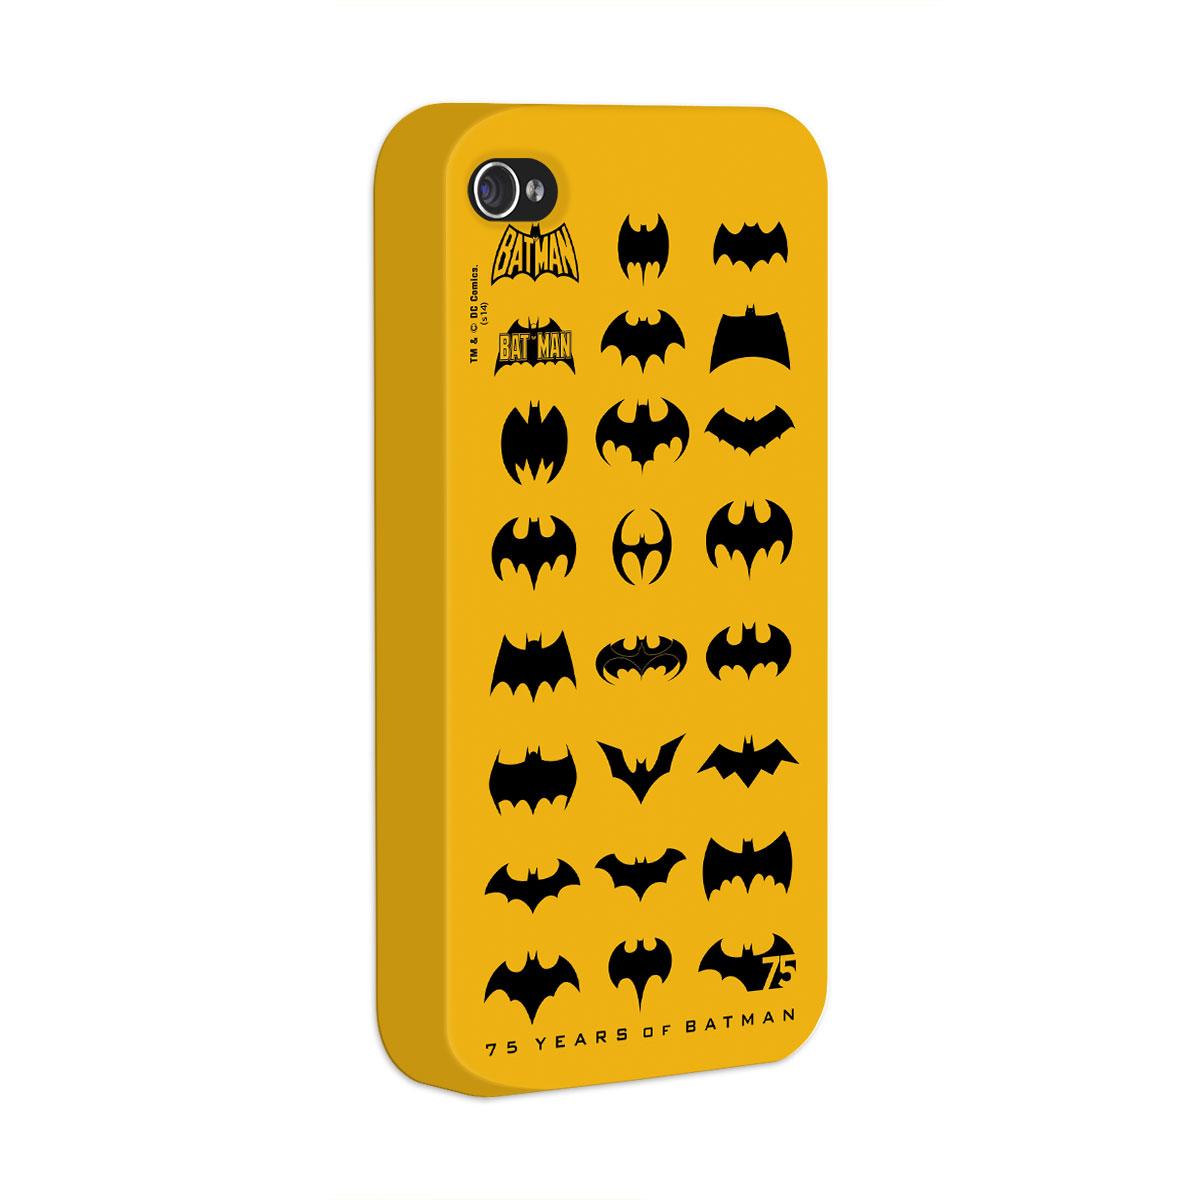 Capa de iPhone 4/4S Batman 75 Anos Logos Collection